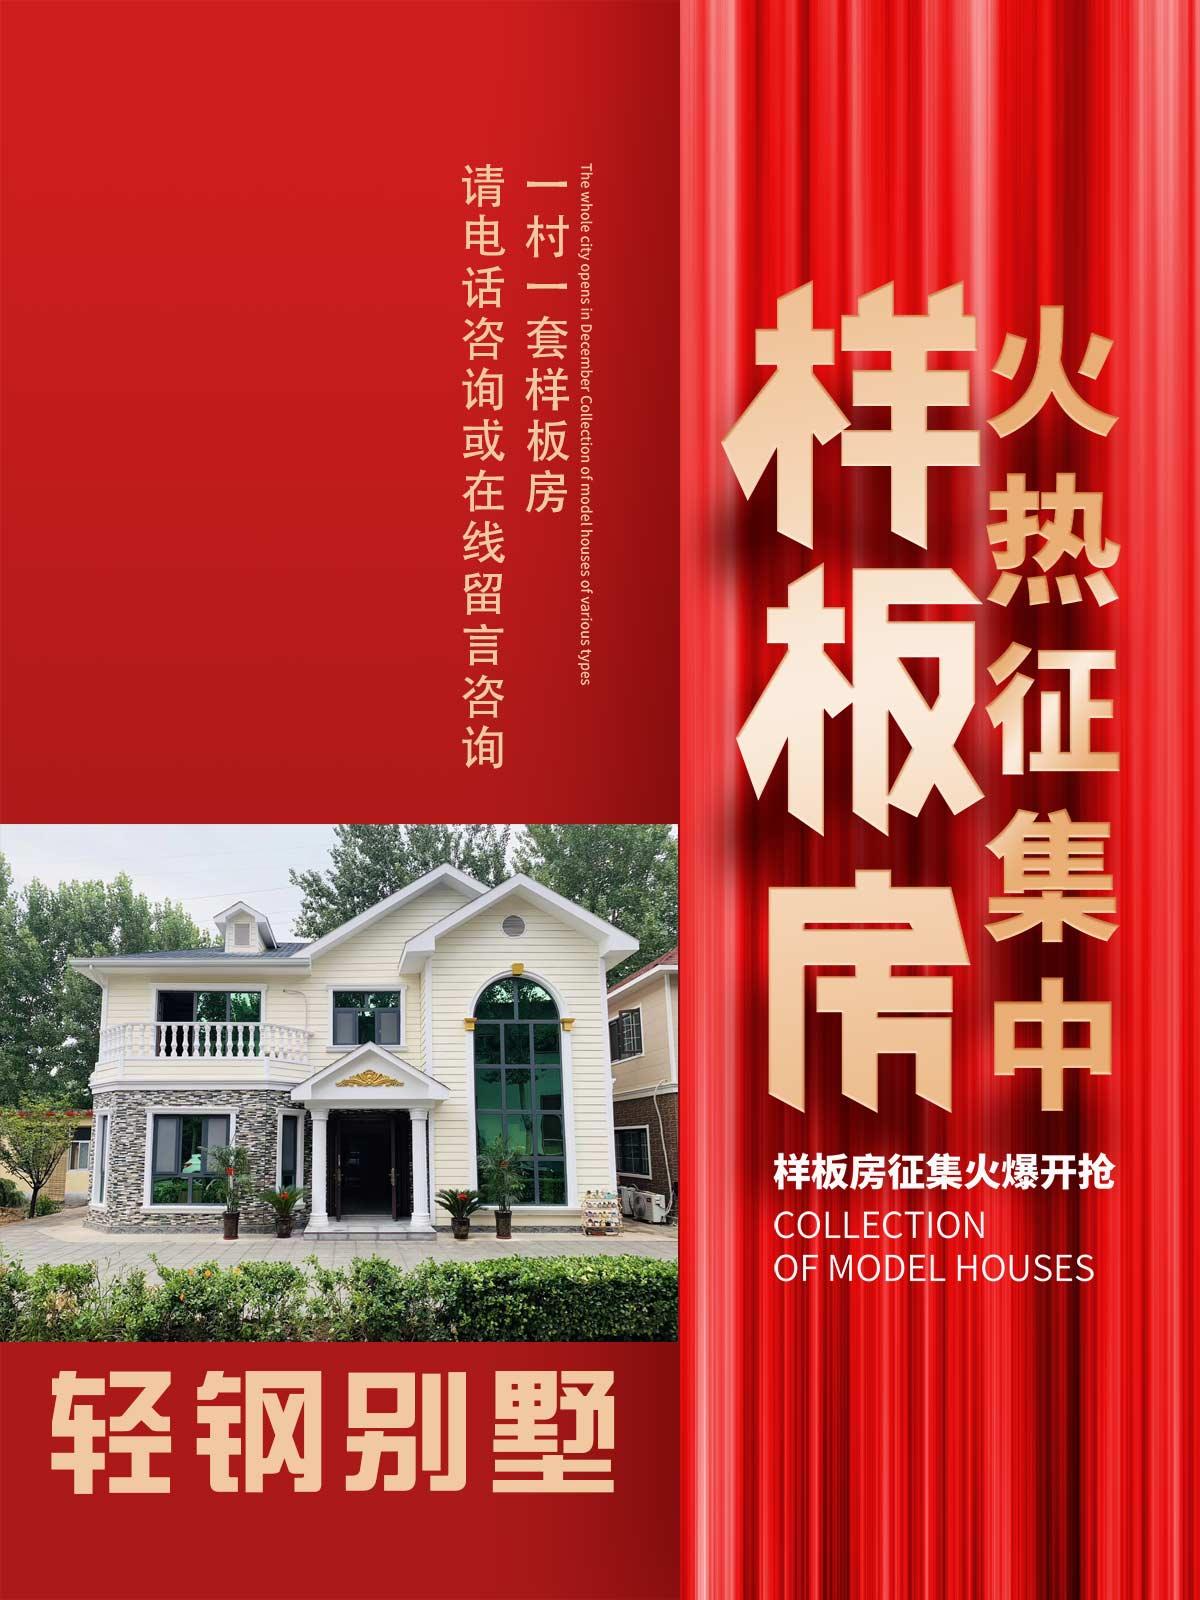 赞皇县农村自建房项目